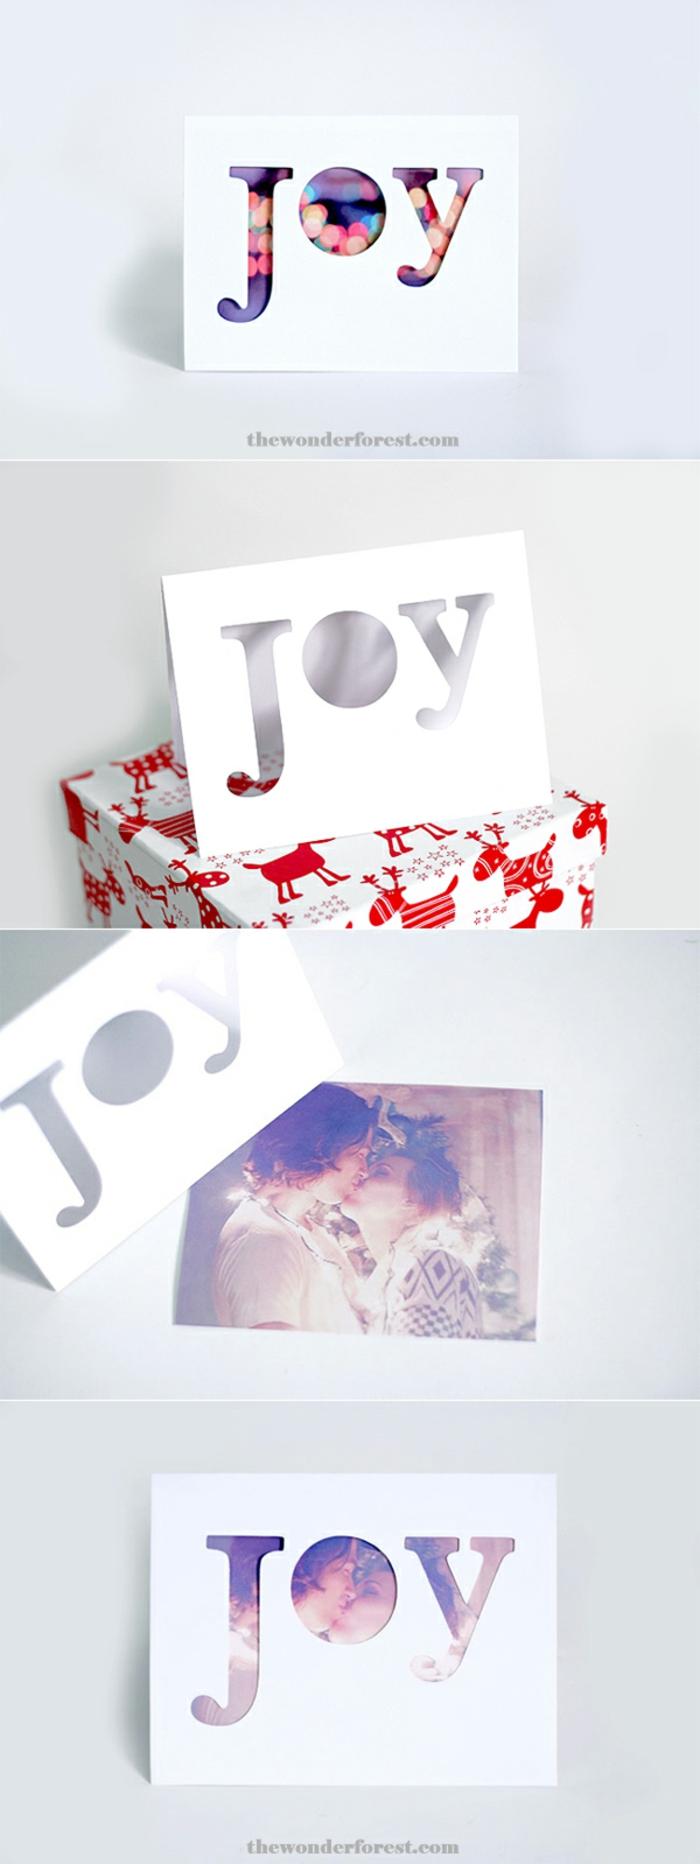 Weihnachtskarten mit Foto, das Wort JOY zeigt das Wichtigste vom Foto, ein junges Paar